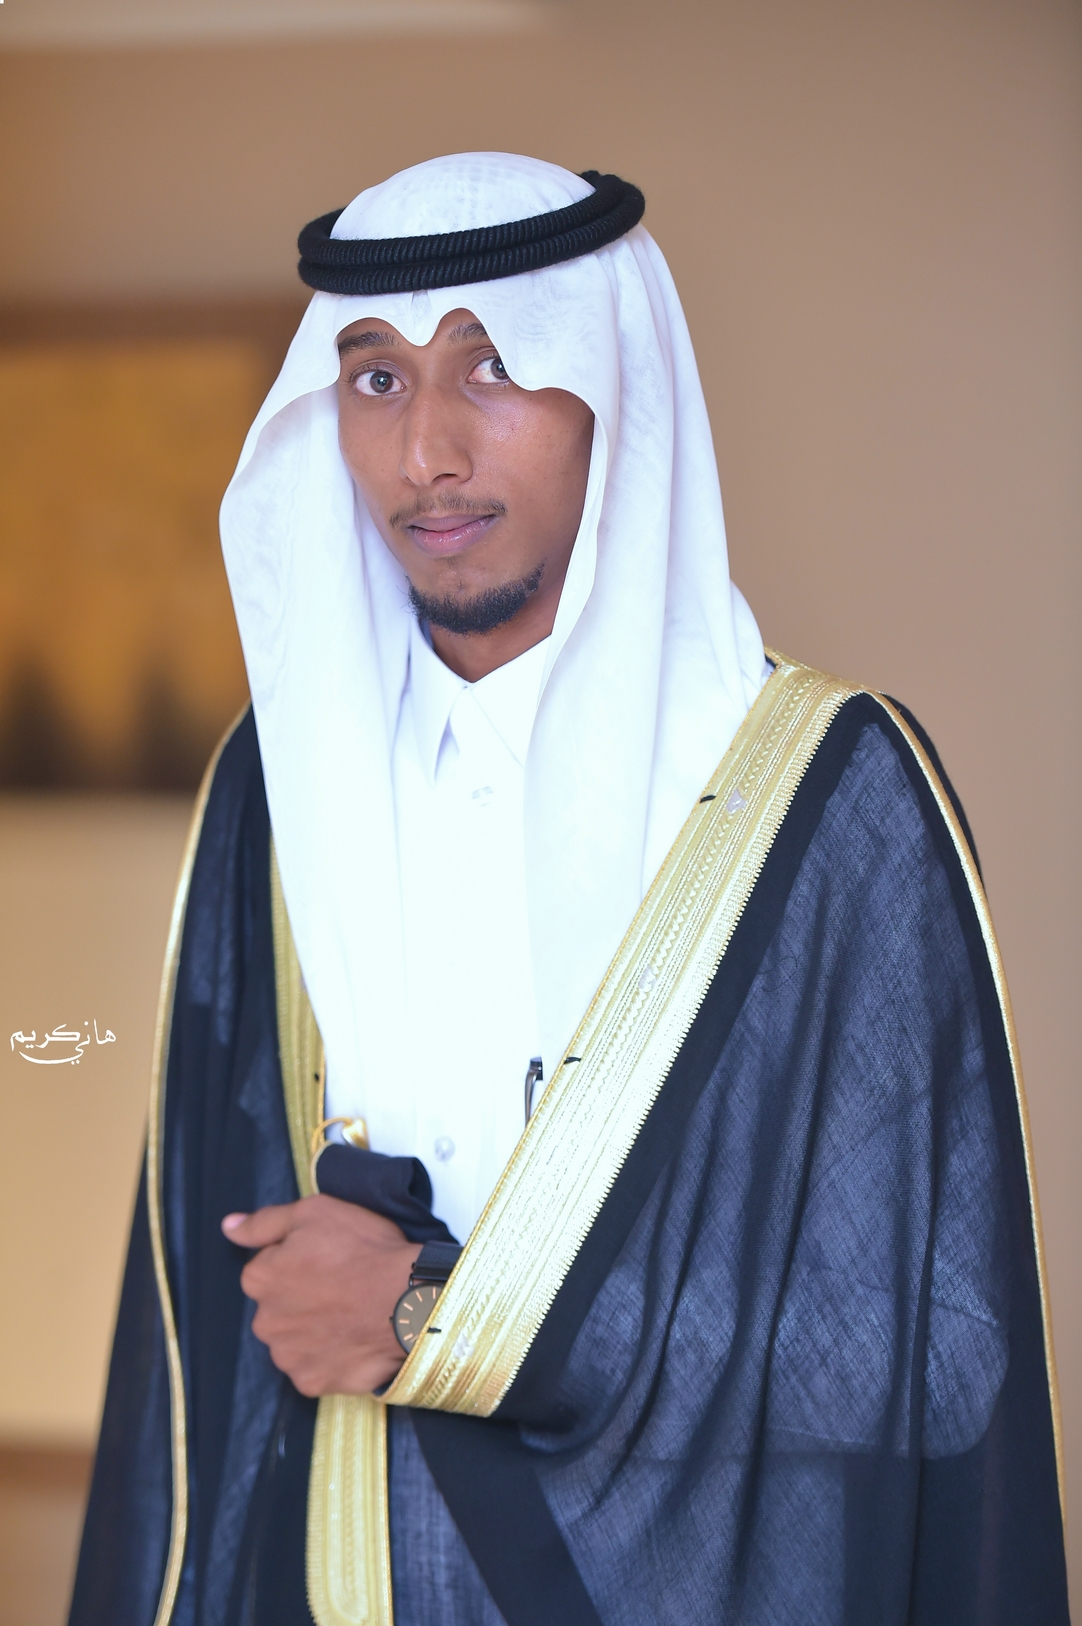 أفراح المنصور جميعة زواج محمد